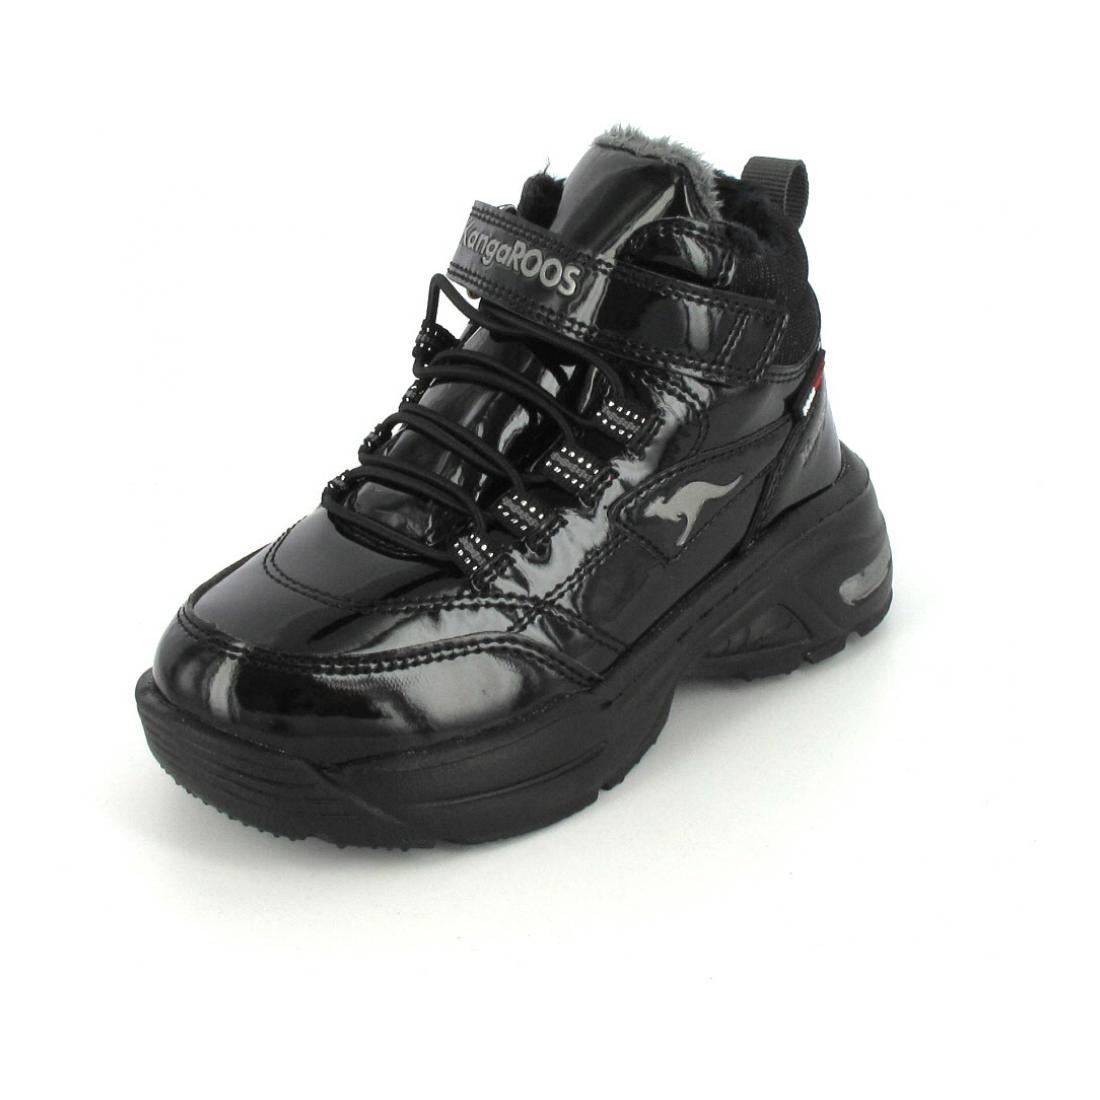 KangaRoos Sneaker high KC-Icy EV RTX